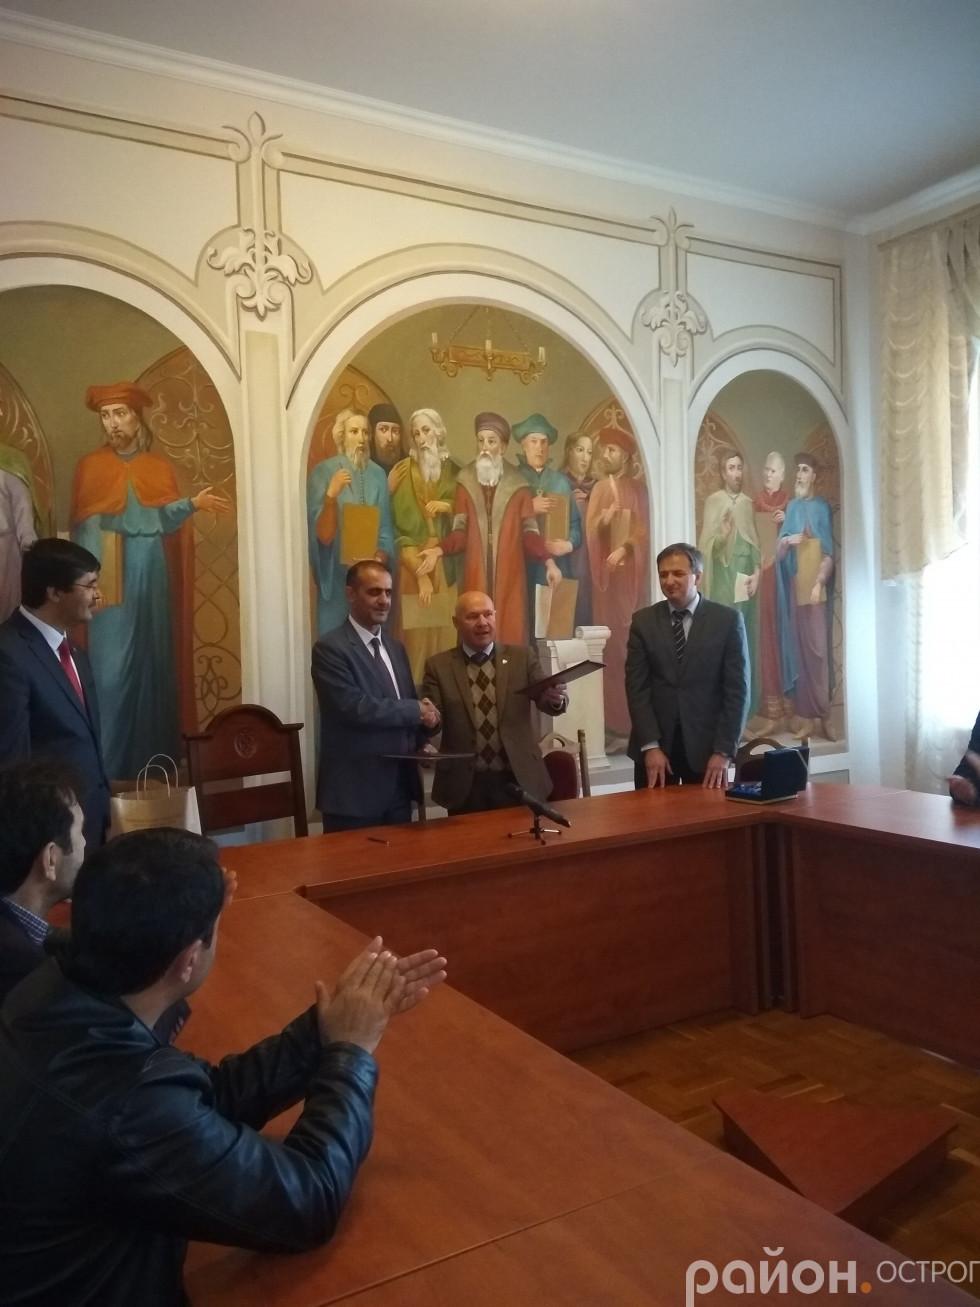 Підписання угоди з турецьким університетом